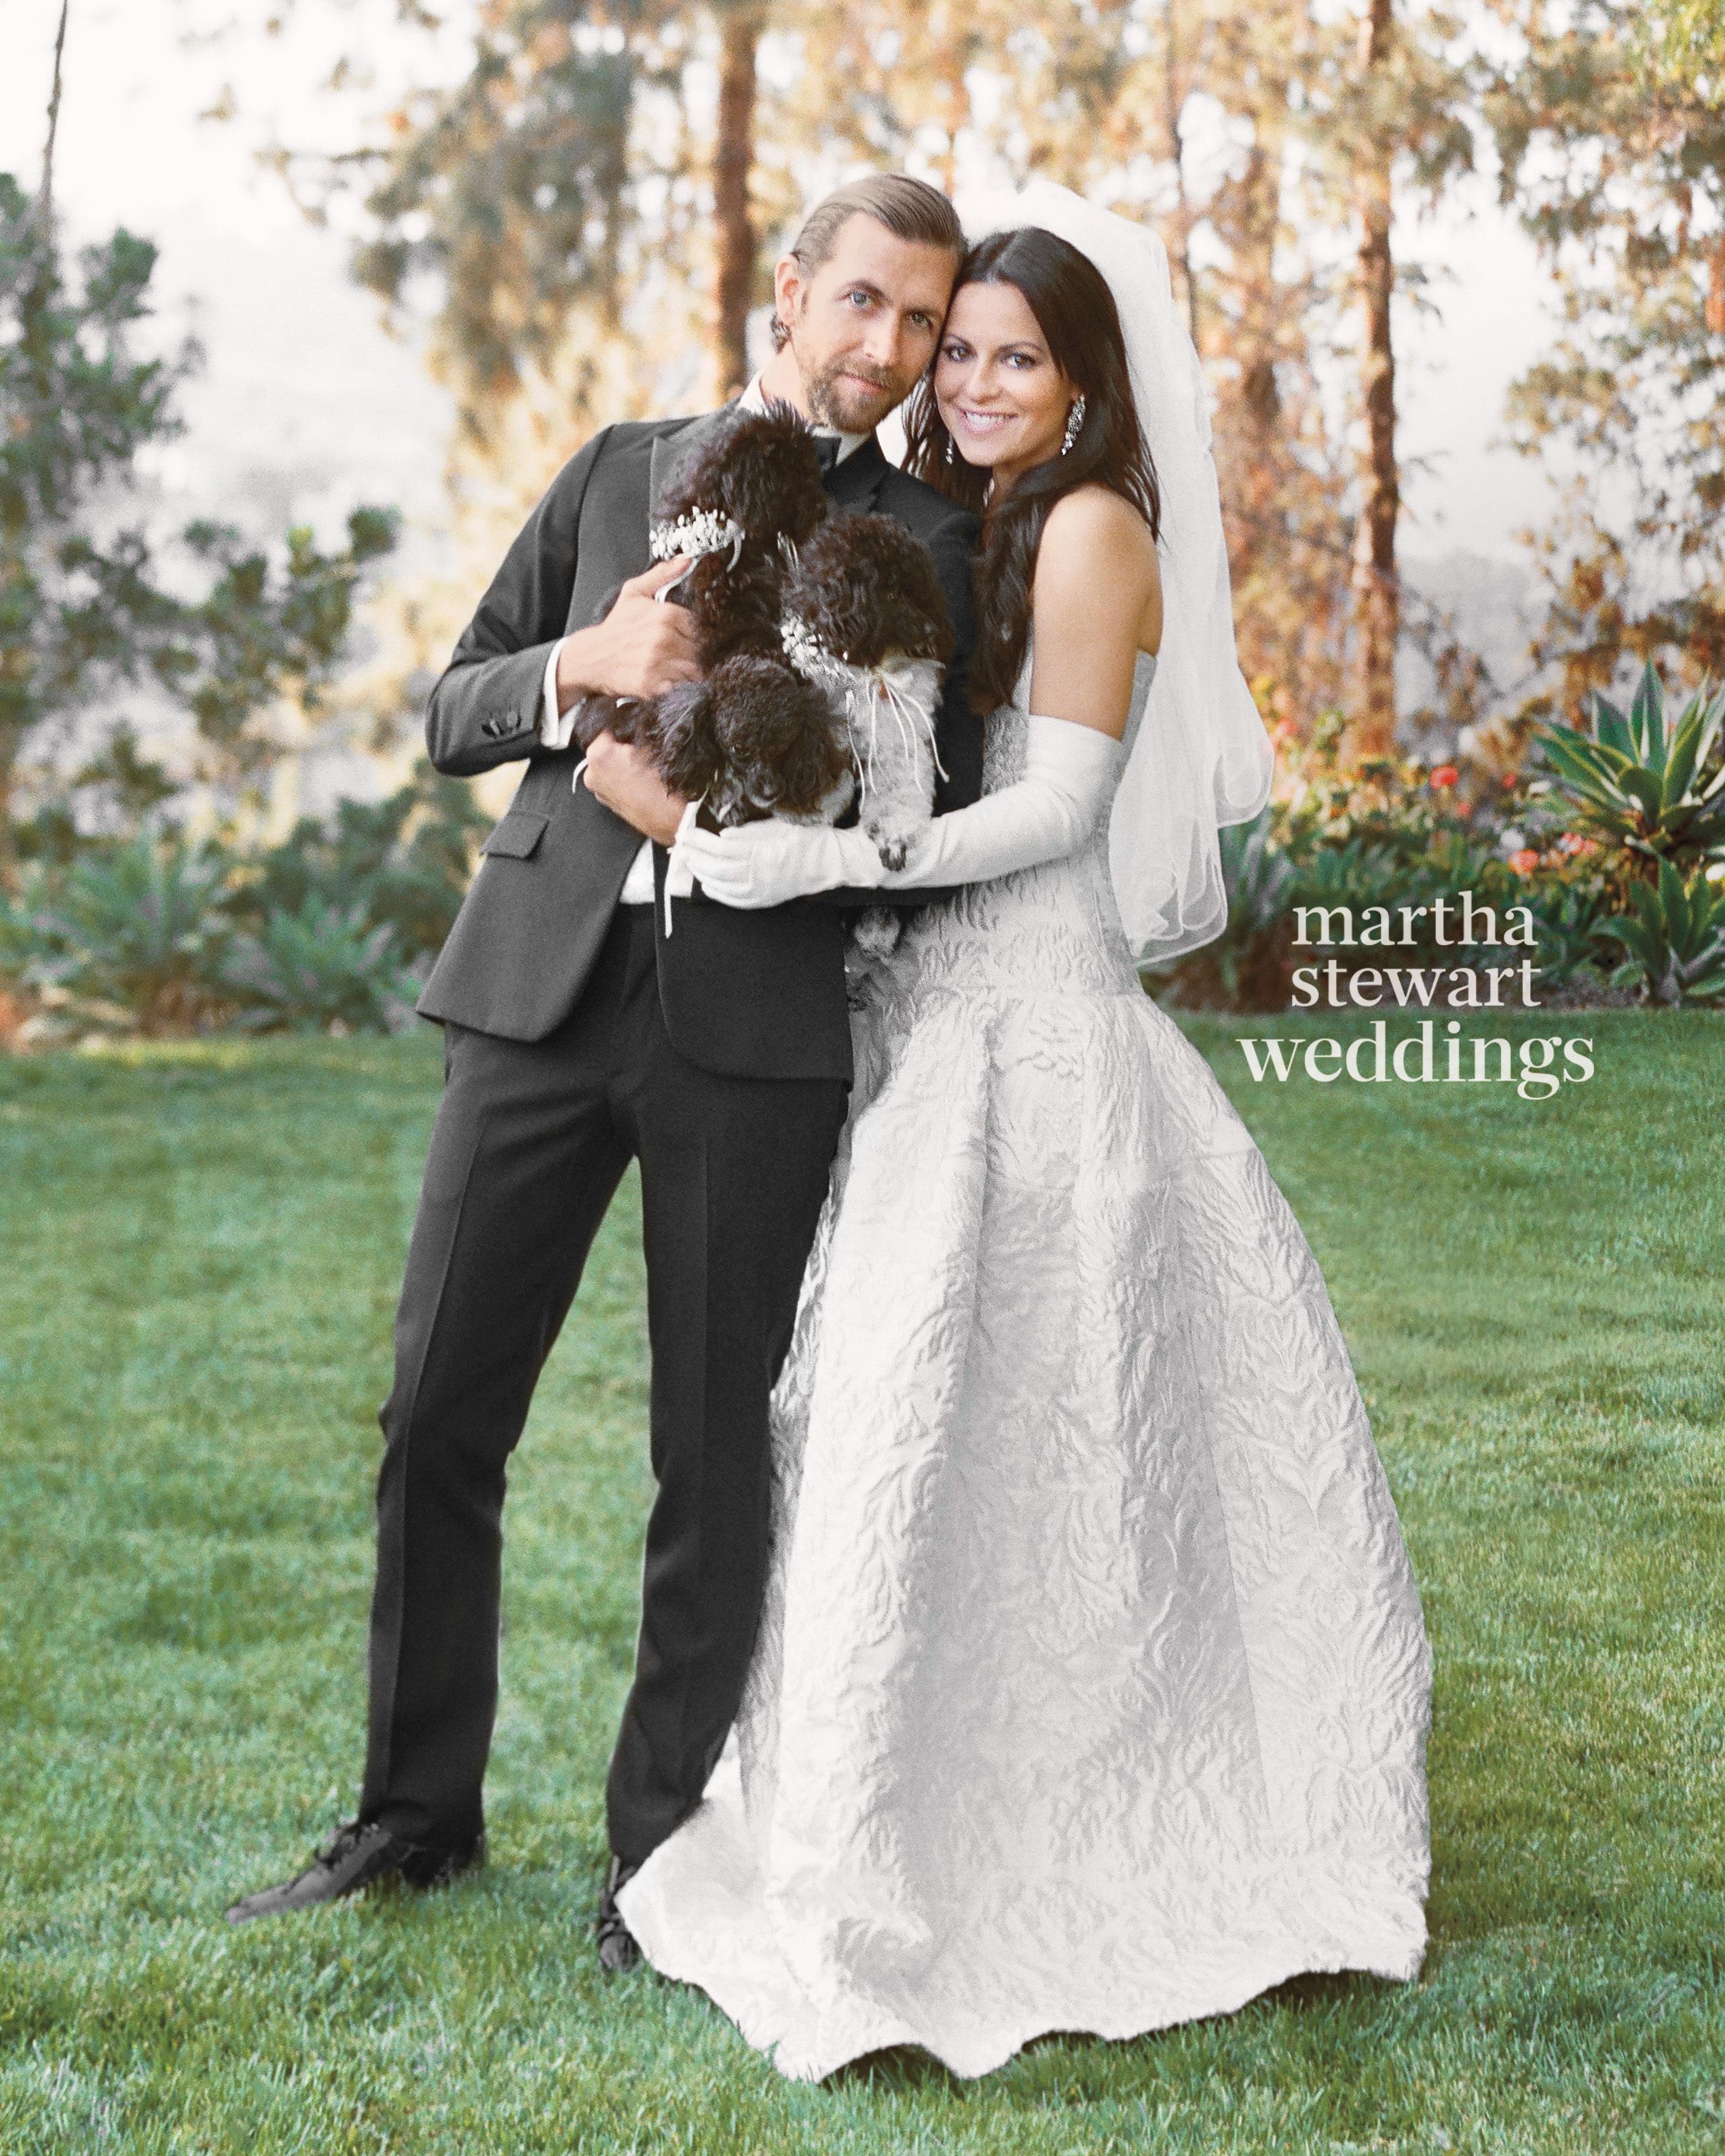 sophia-joel-wedding-los-angeles-001-d112240-r1-watermark-0815.jpg